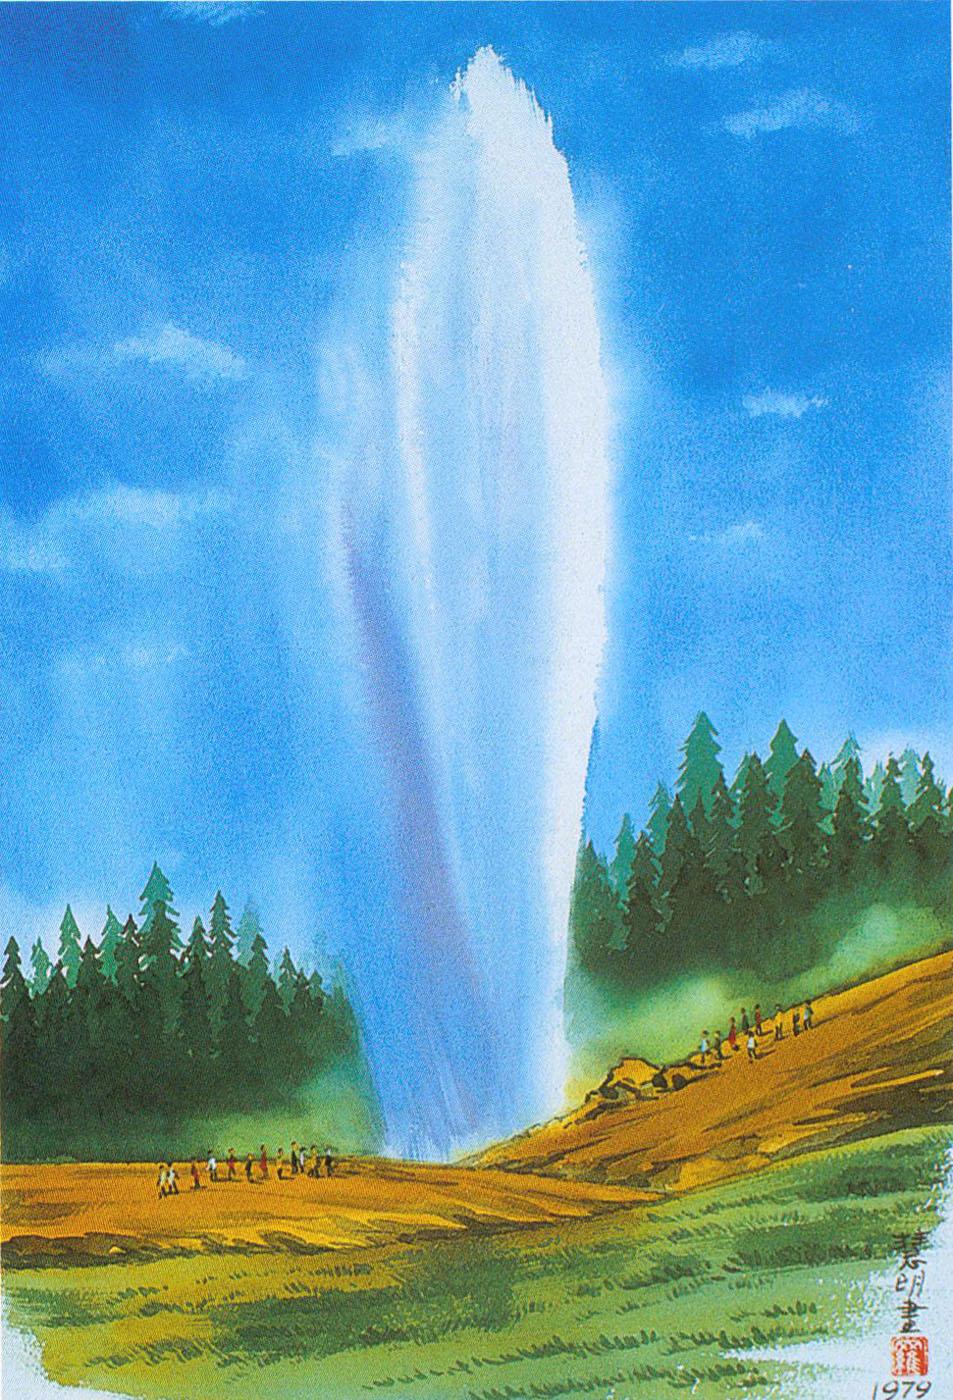 黄石公园喷泉 | 展售区